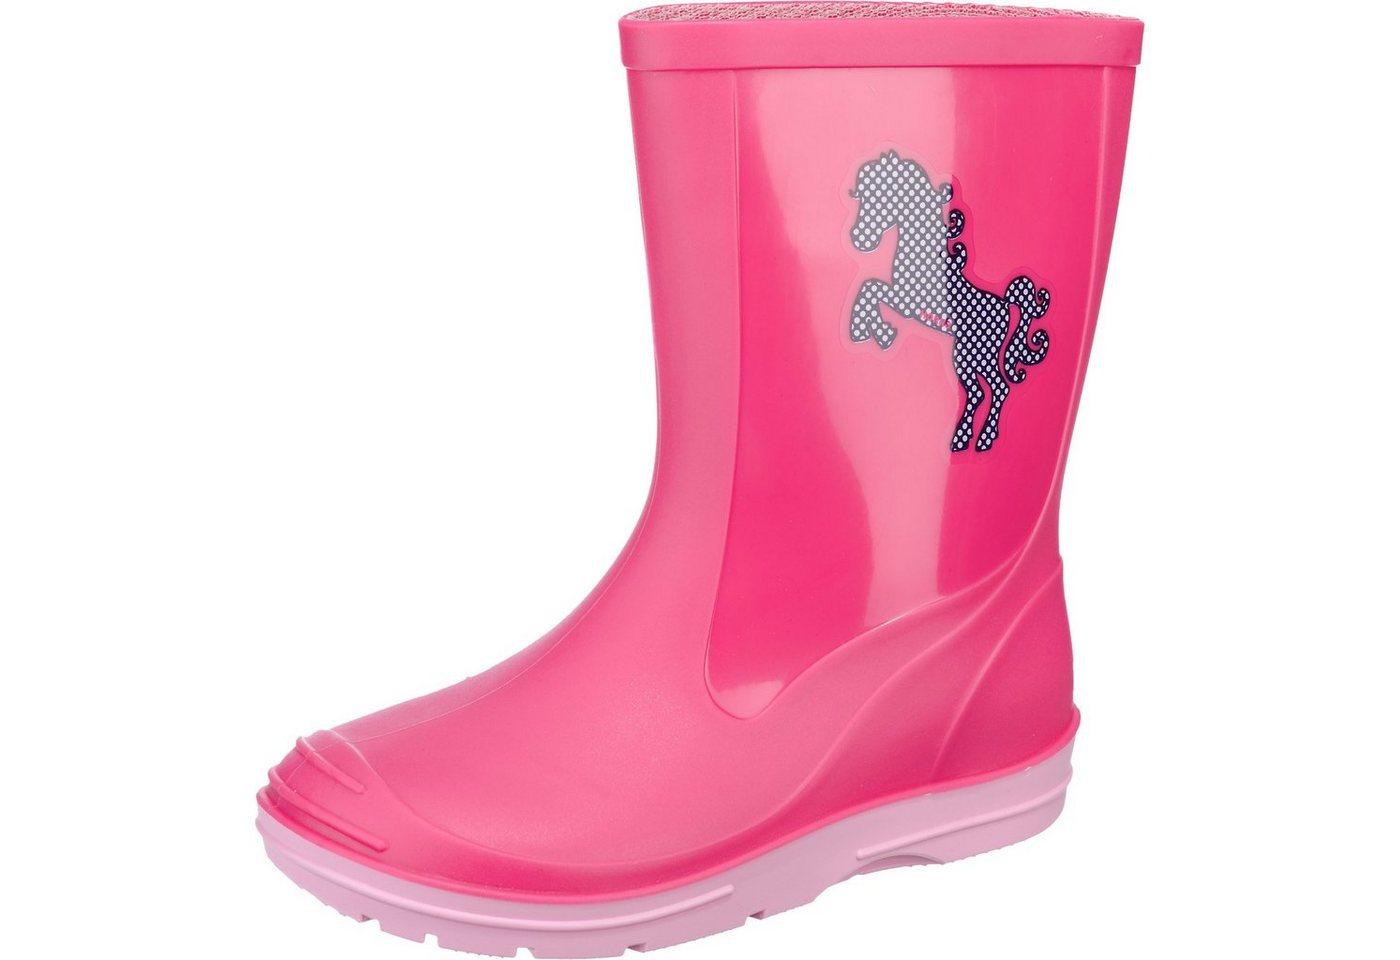 Damen,  Mädchen,  Kinder HORKA Gummistiefel für Mädchen rosa   08718675309916